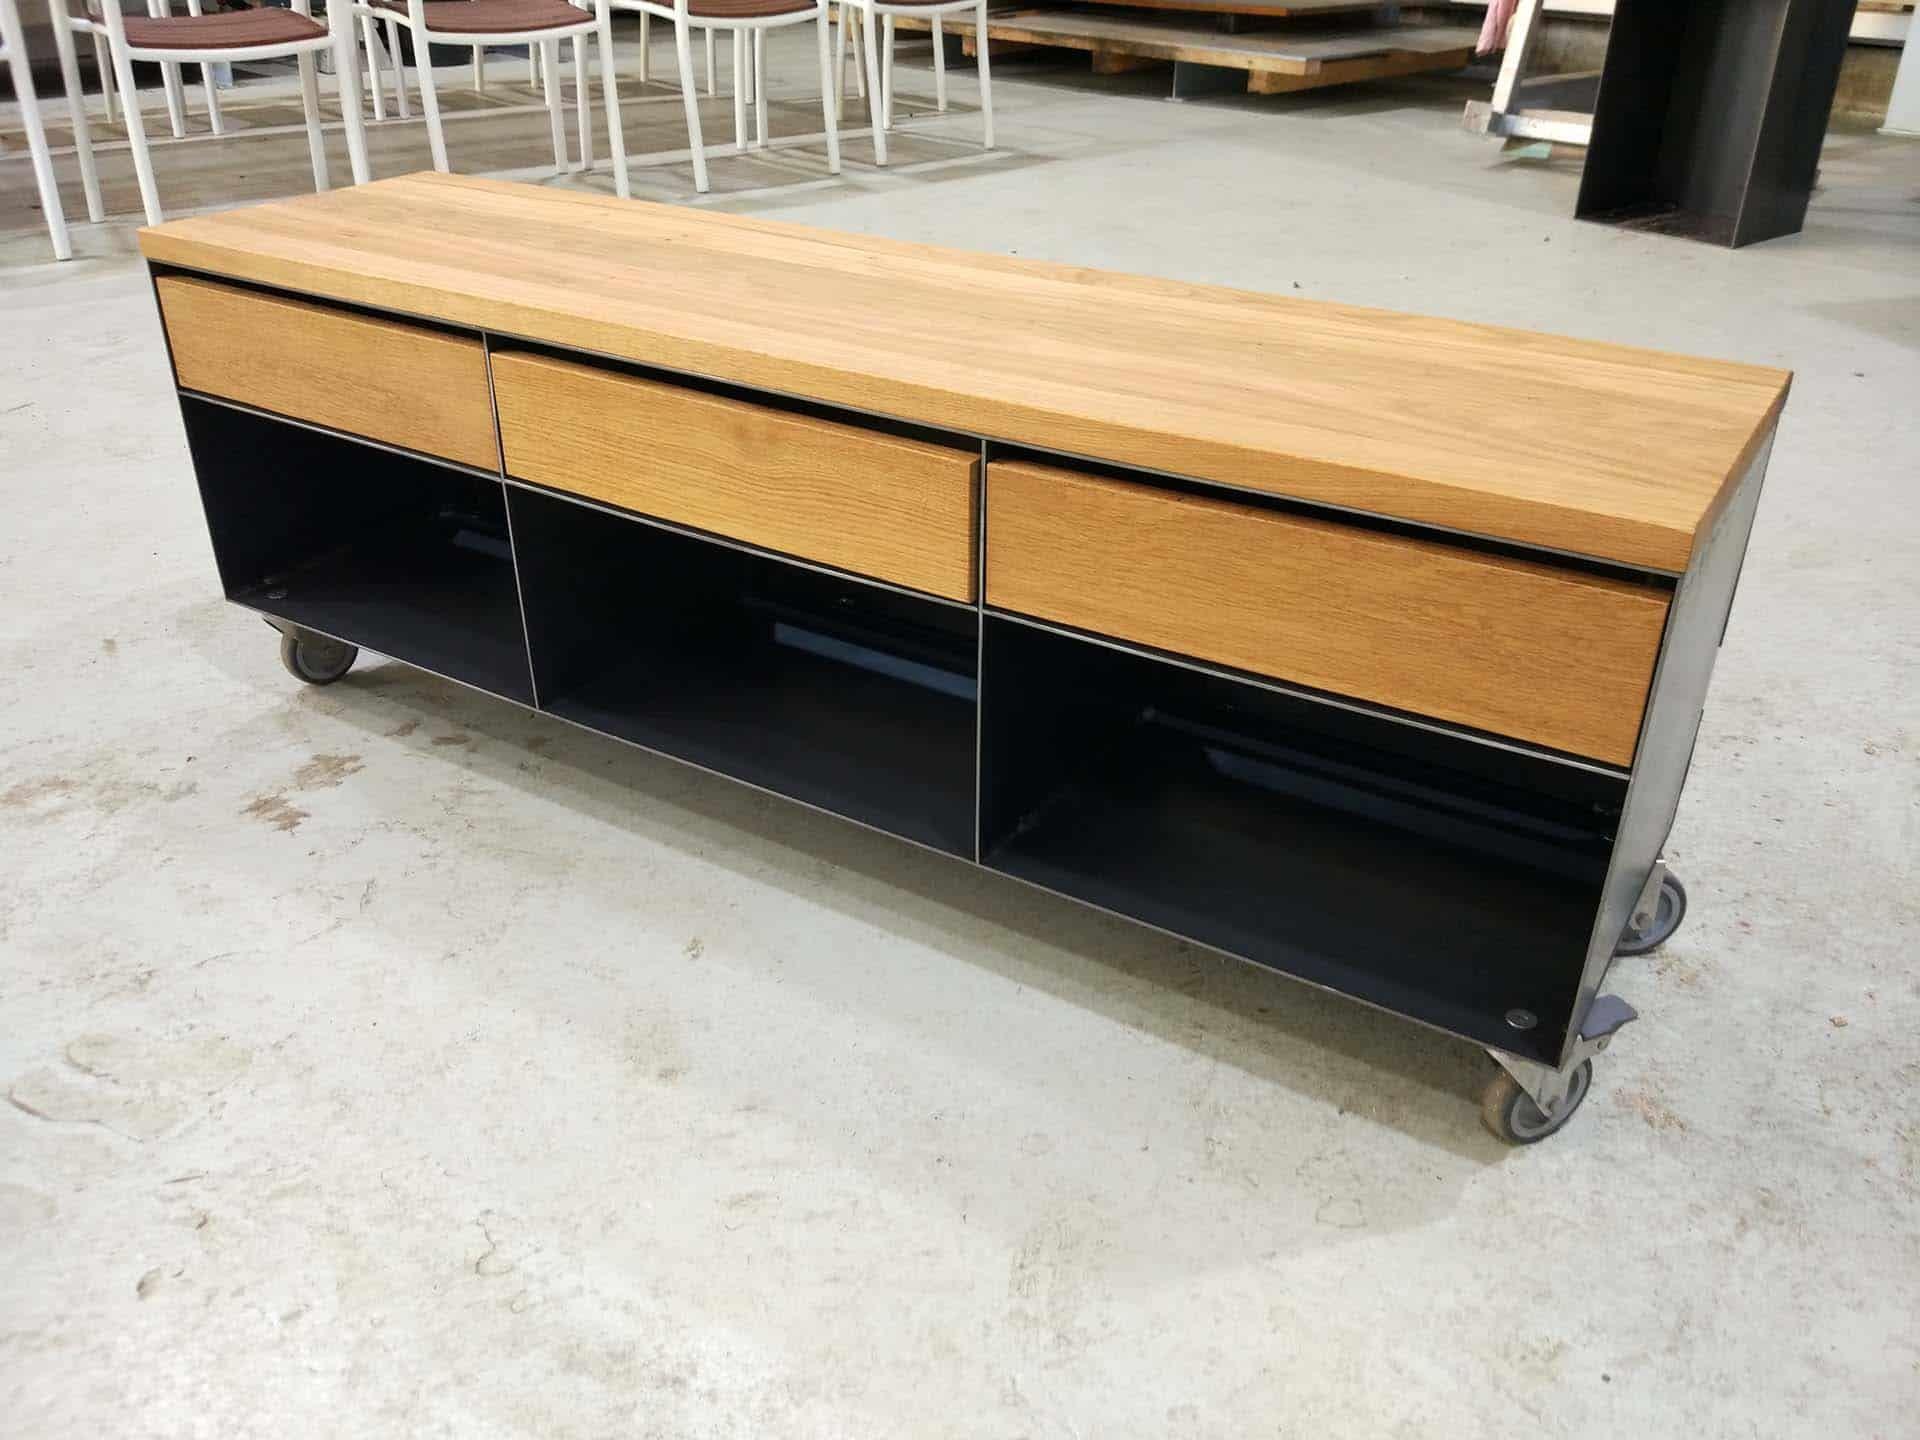 lowboard sideboard classic 003 (schwarz, grau, eiche, metall